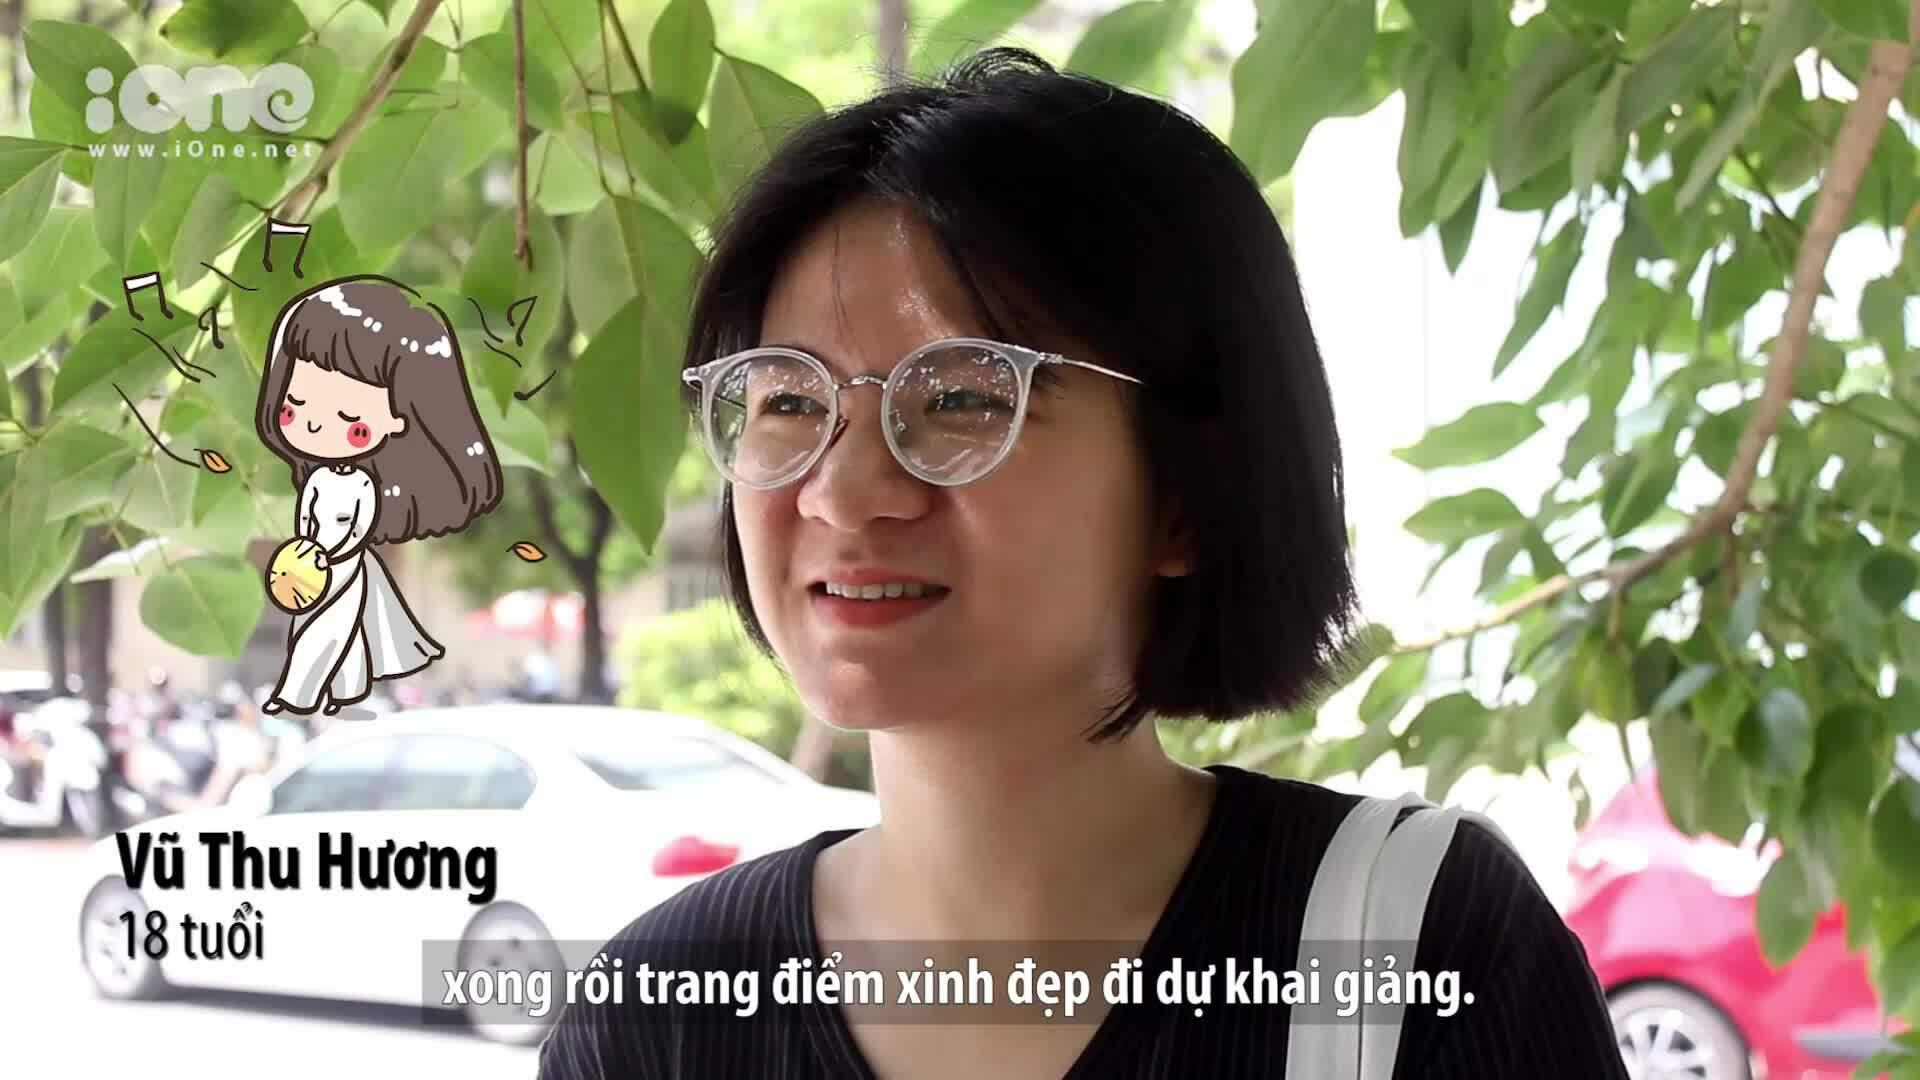 Học trò Hà Nội có mong chờ thả bóng bay trong lễ khai giảng?